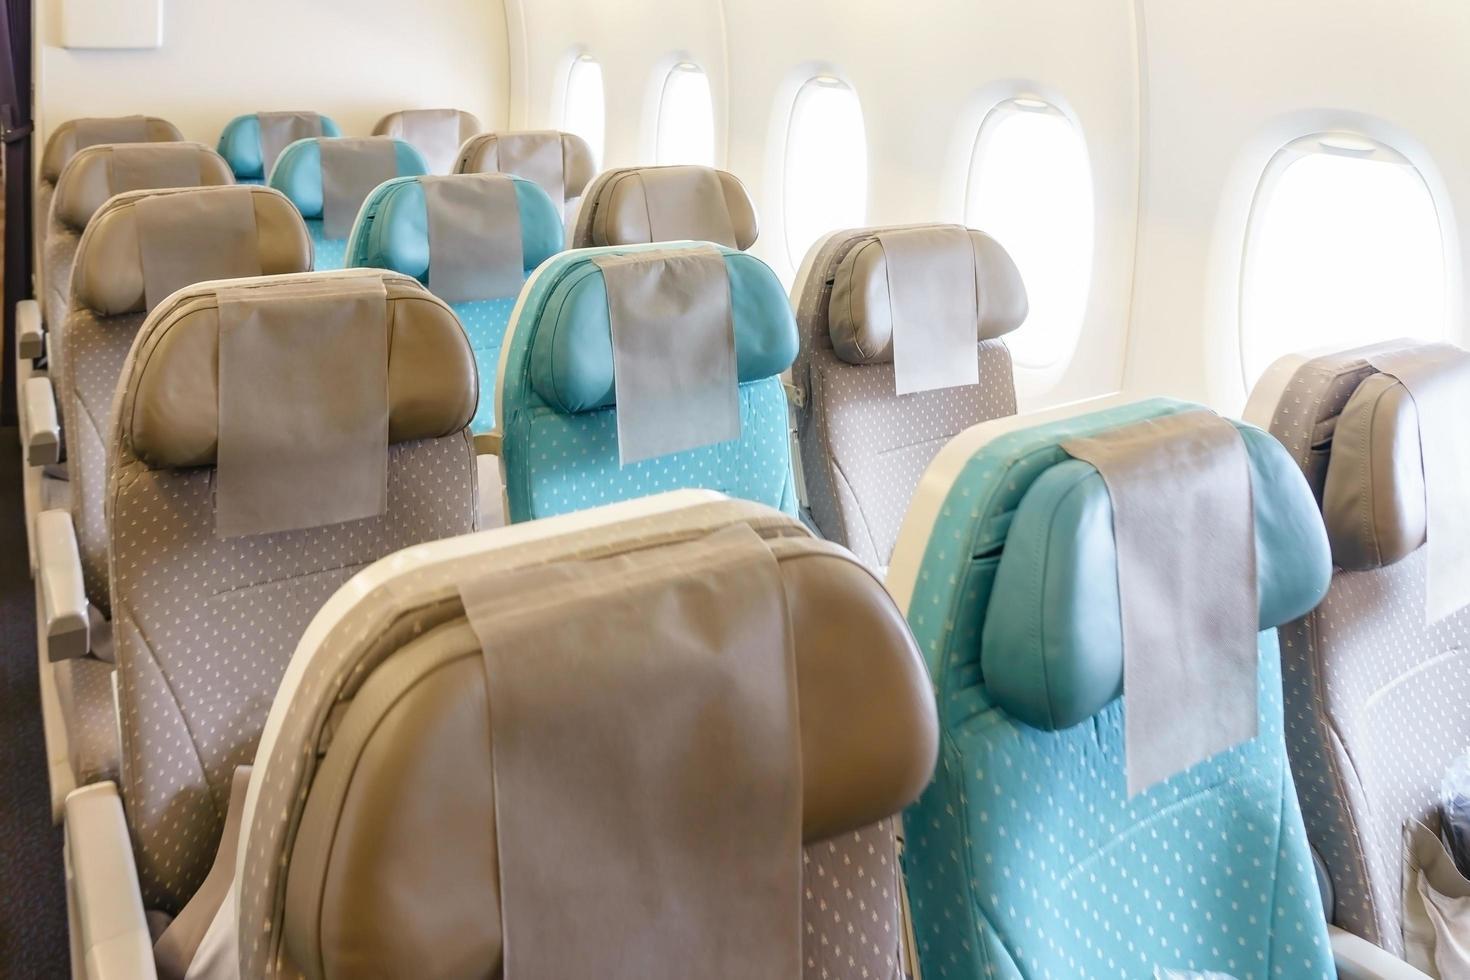 file di sedili vuoti sull'aereo foto